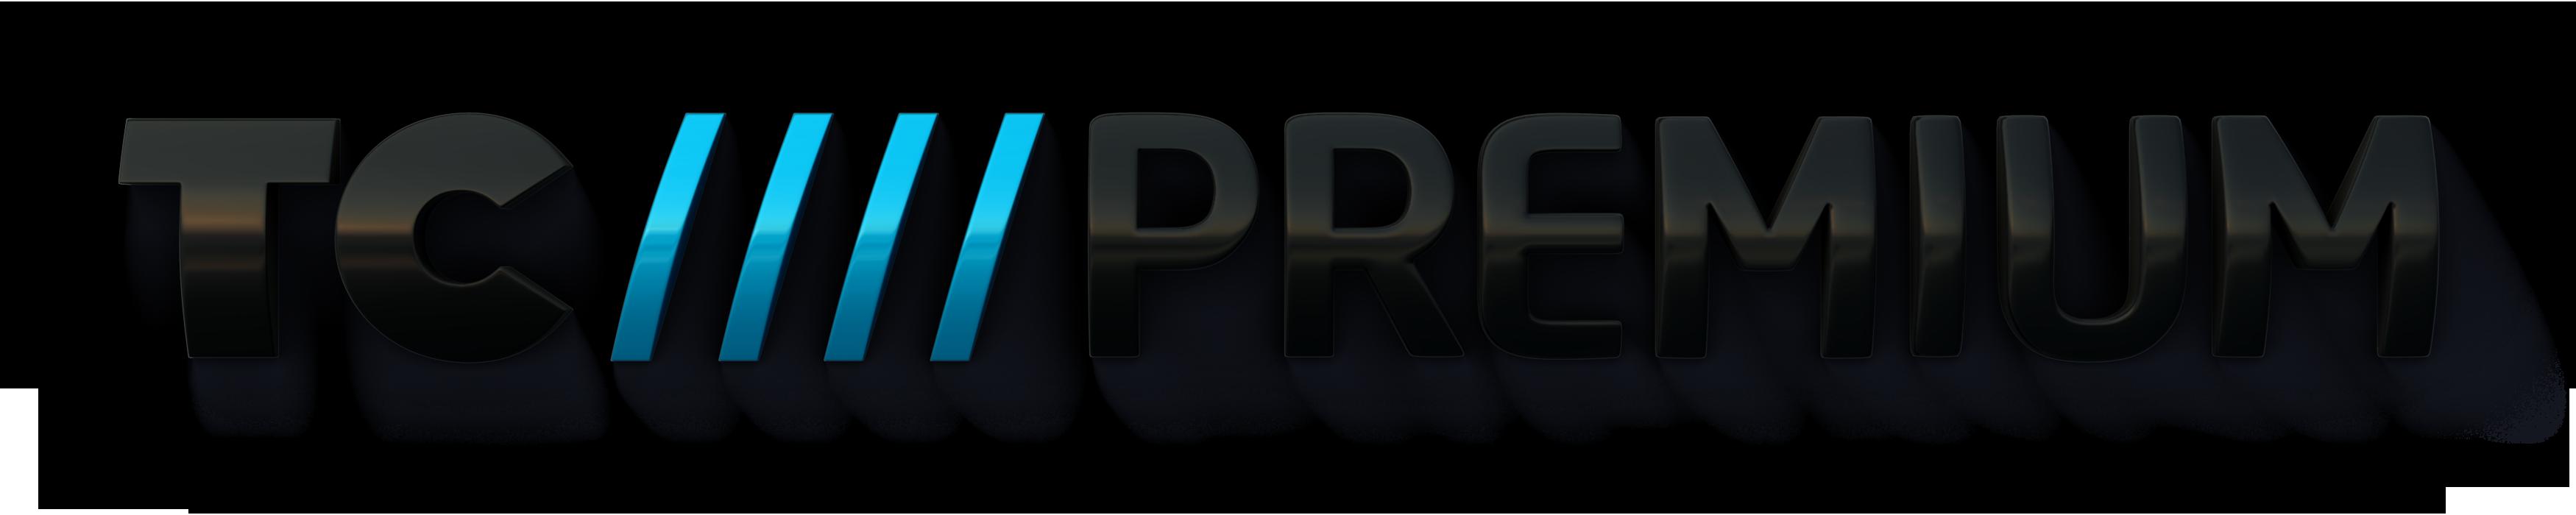 Telecine Premium